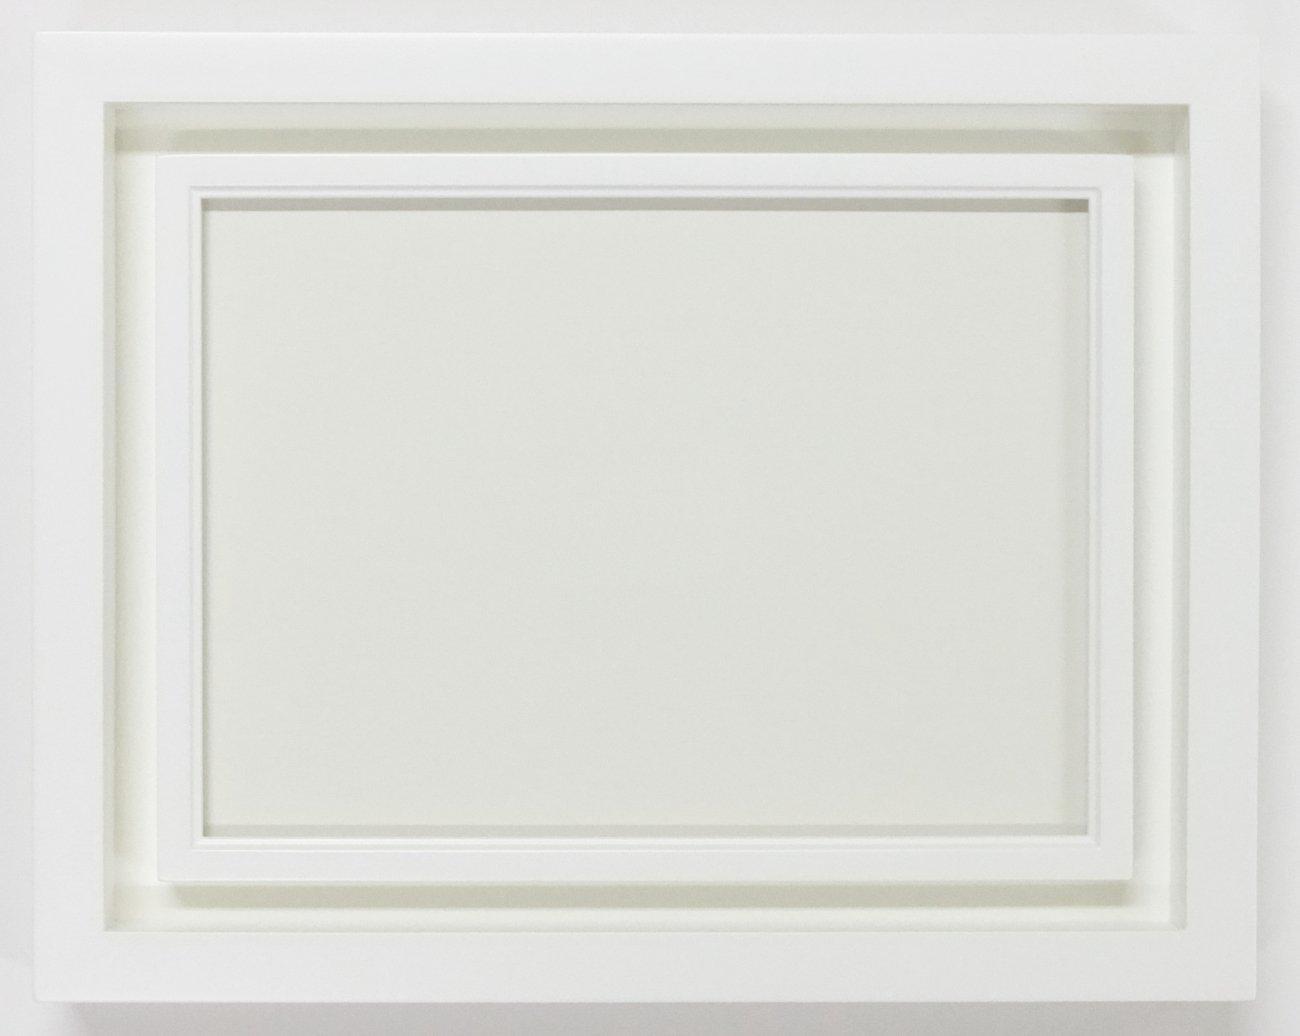 同志舎 油彩用額縁 デュエット アクリル仕様 (オフホワイト, F8) B00XTWUYQ6 F8|オフホワイト オフホワイト F8